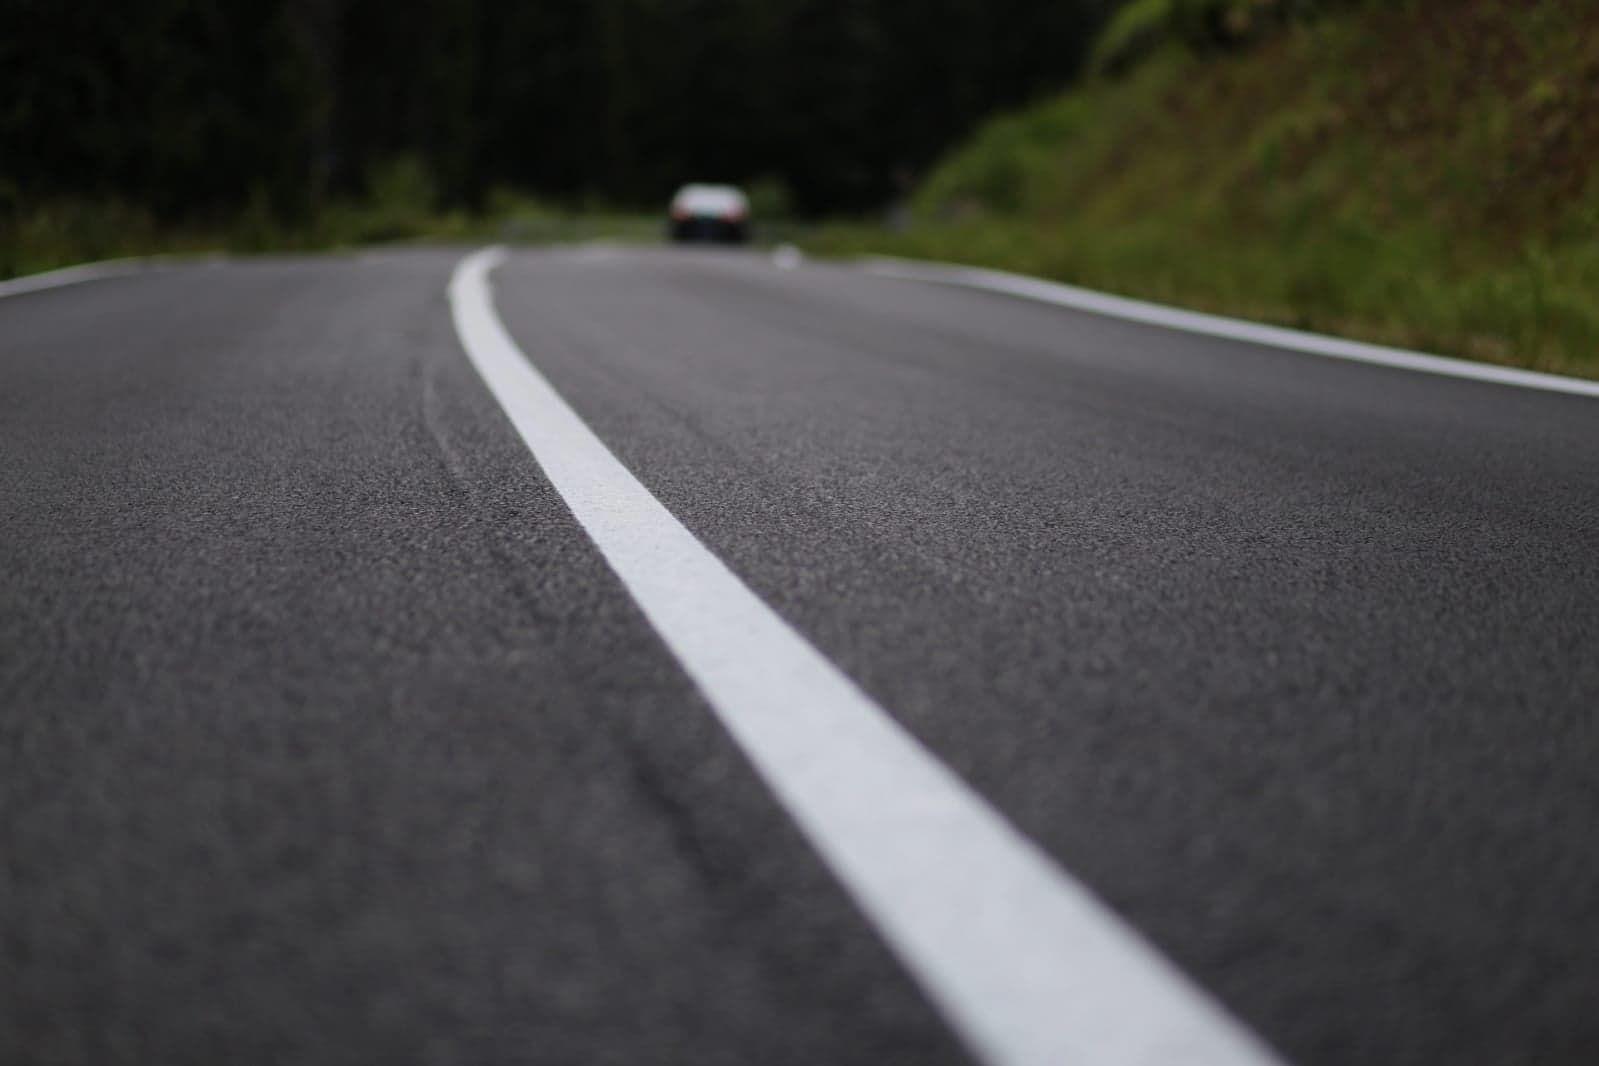 Todini Costruzioni Generali S.p.A va proiectarea şi executa drumul de legătură Autostrada A1 Arad – Timişoara – DN 69, contract de 190 milioane lei, fără TVA